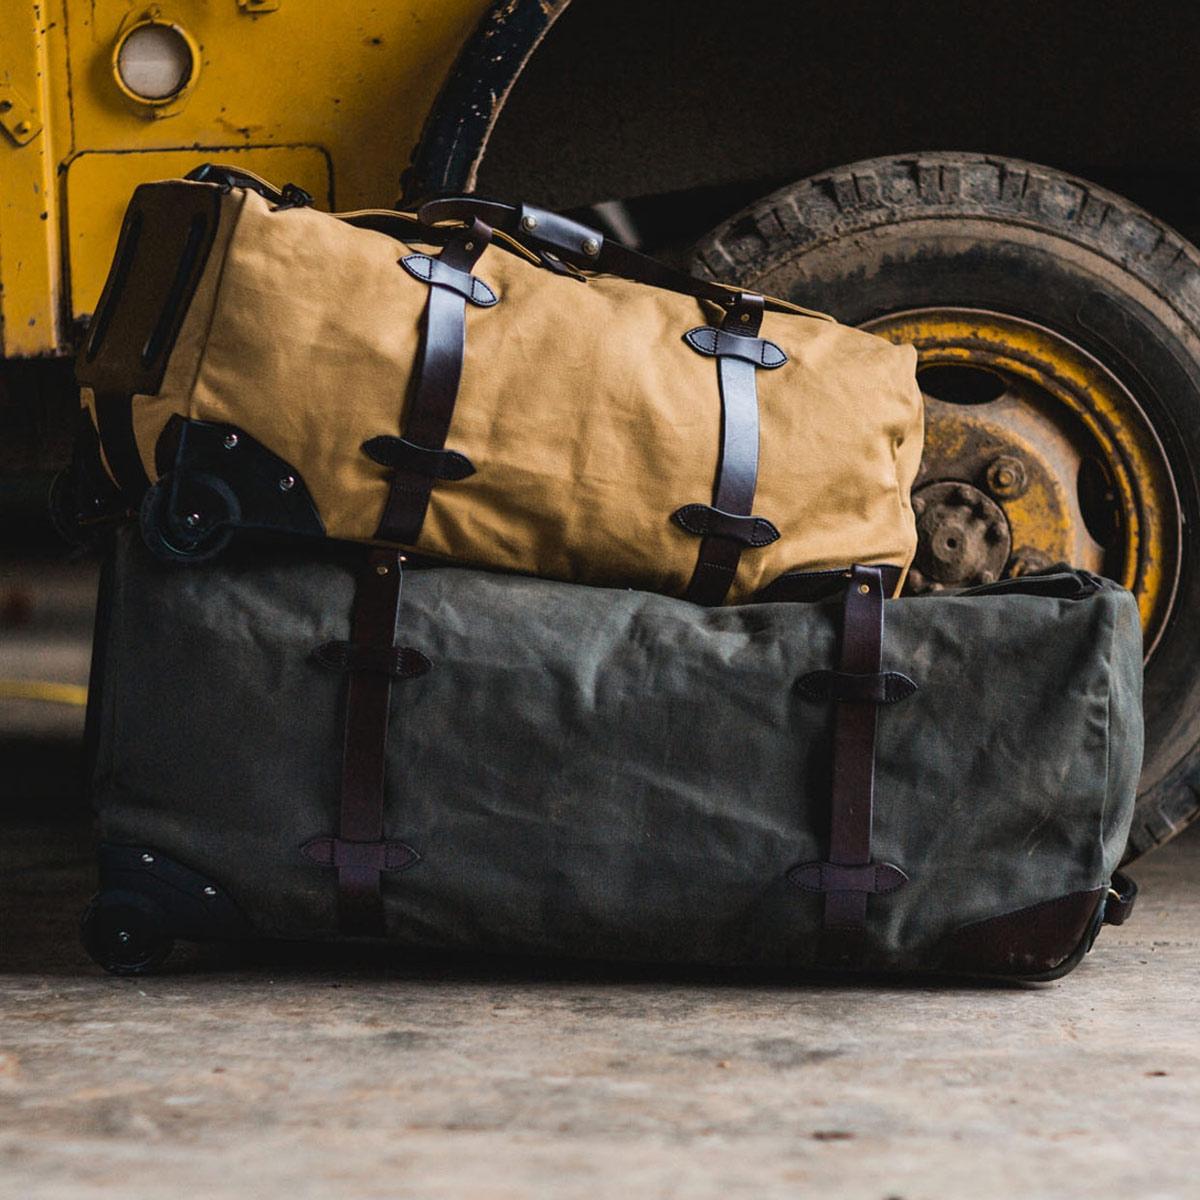 Filson Rolling Duffle Bag Extra Large Otter Green, sterke, hoge capaciteit Duffle, klaar om overal mee naartoe te nemen